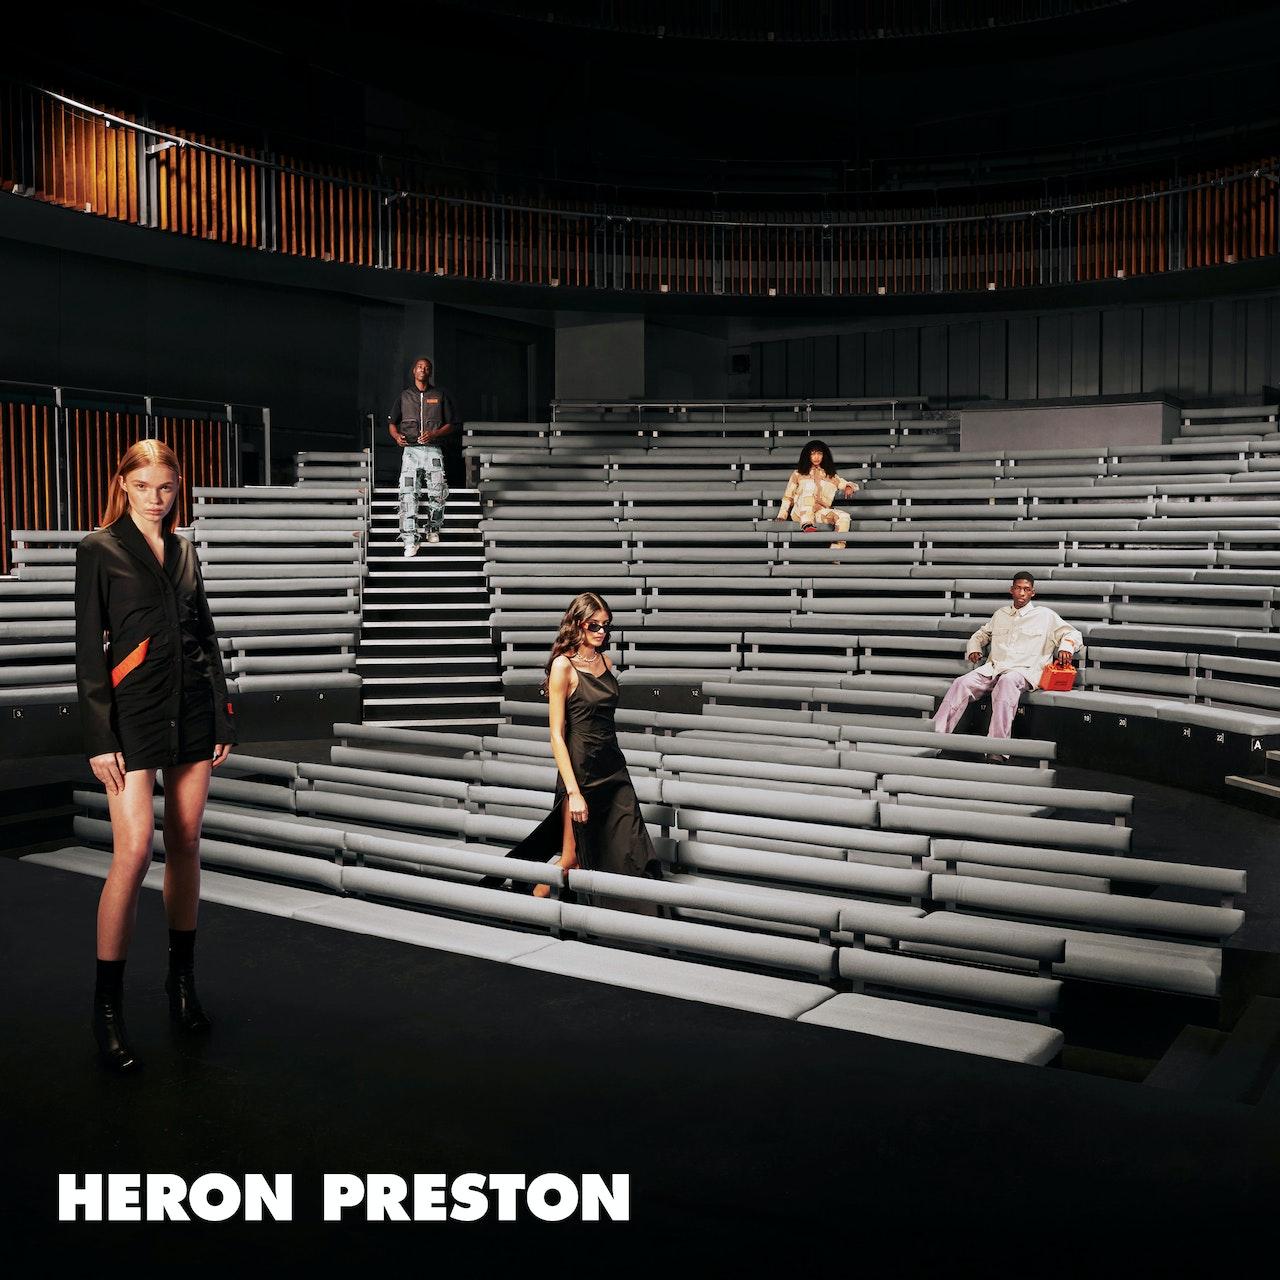 Heron Preston SS21